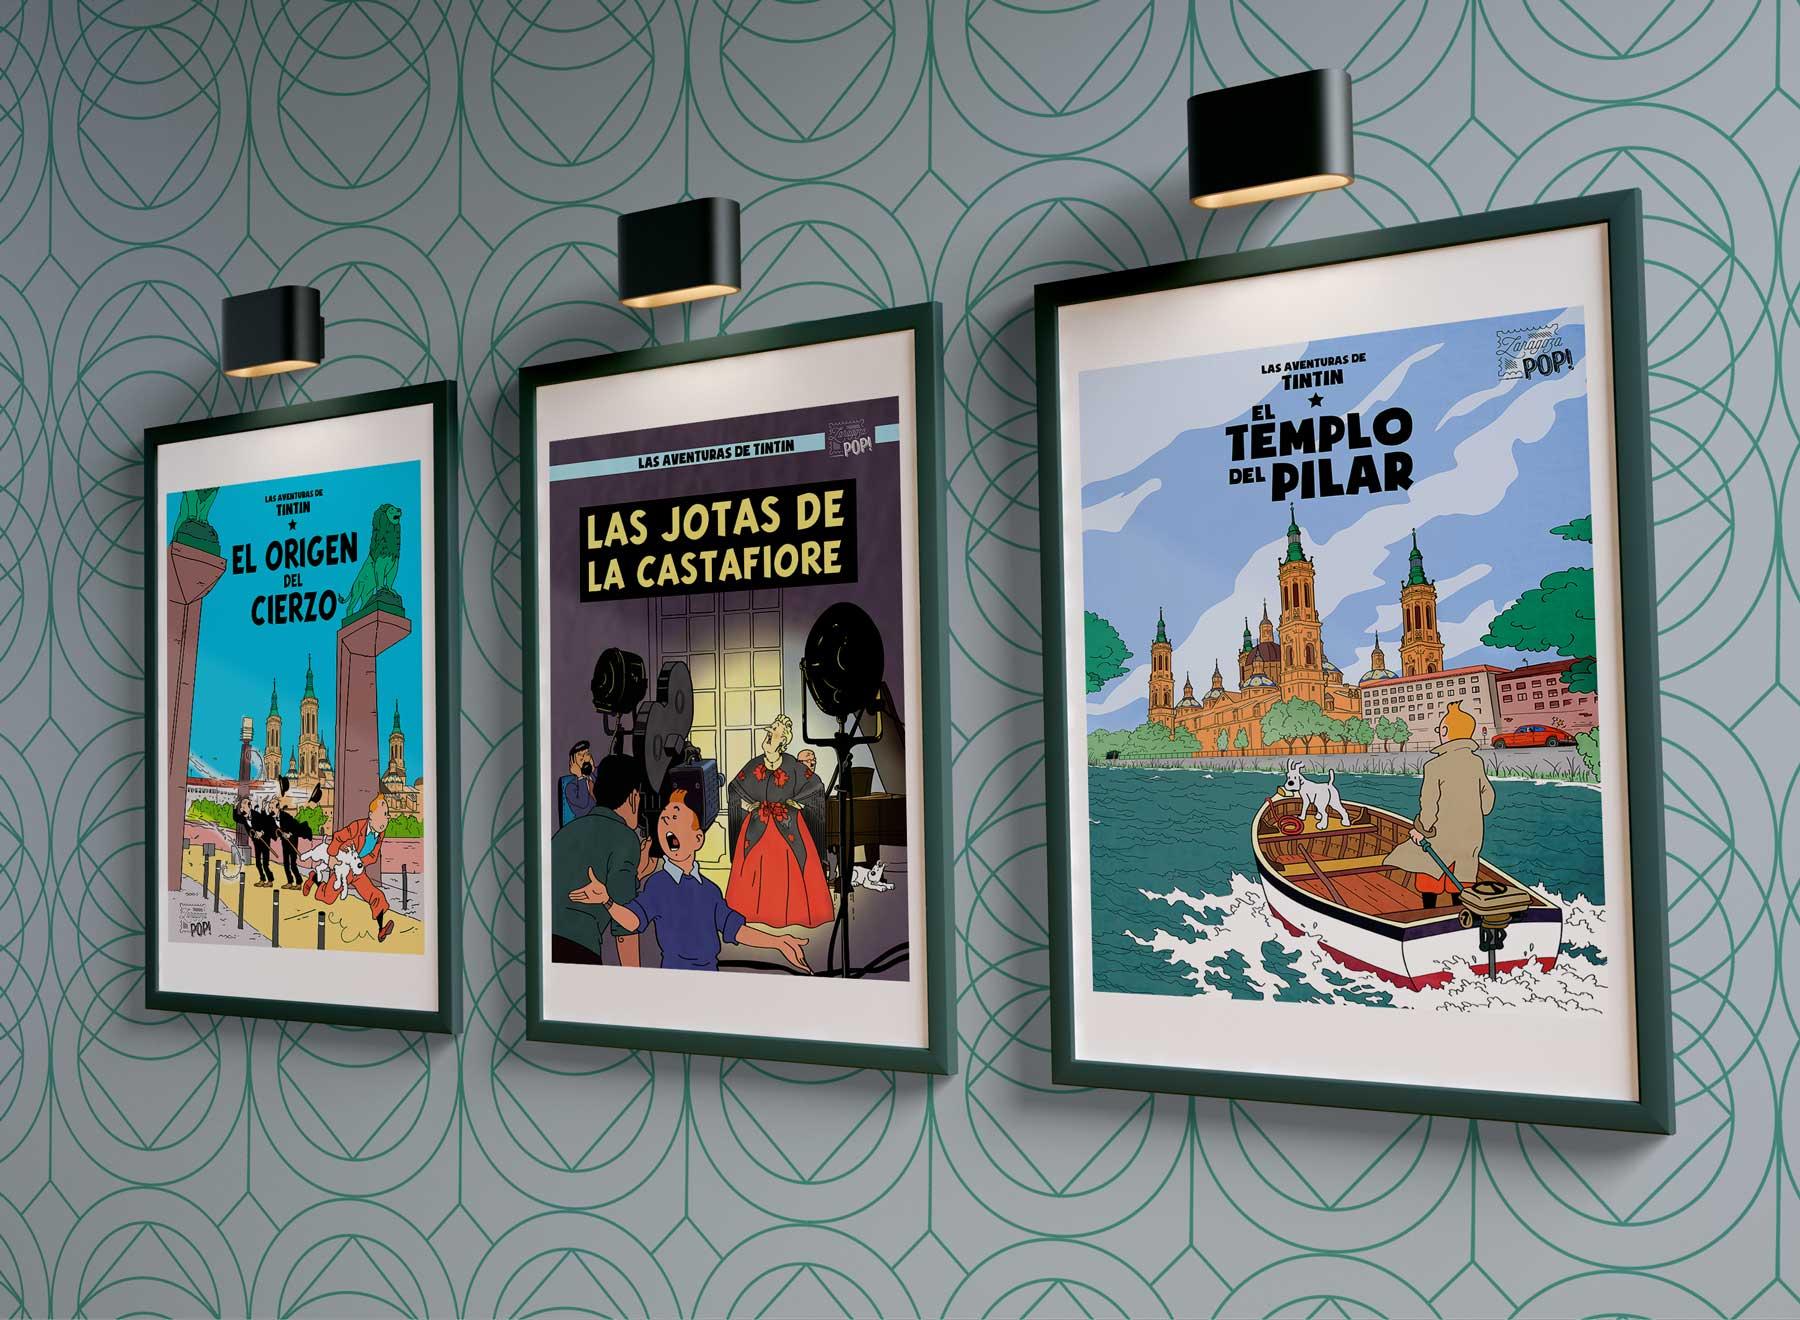 Coleccion láminas de TITIN en Zaragoza